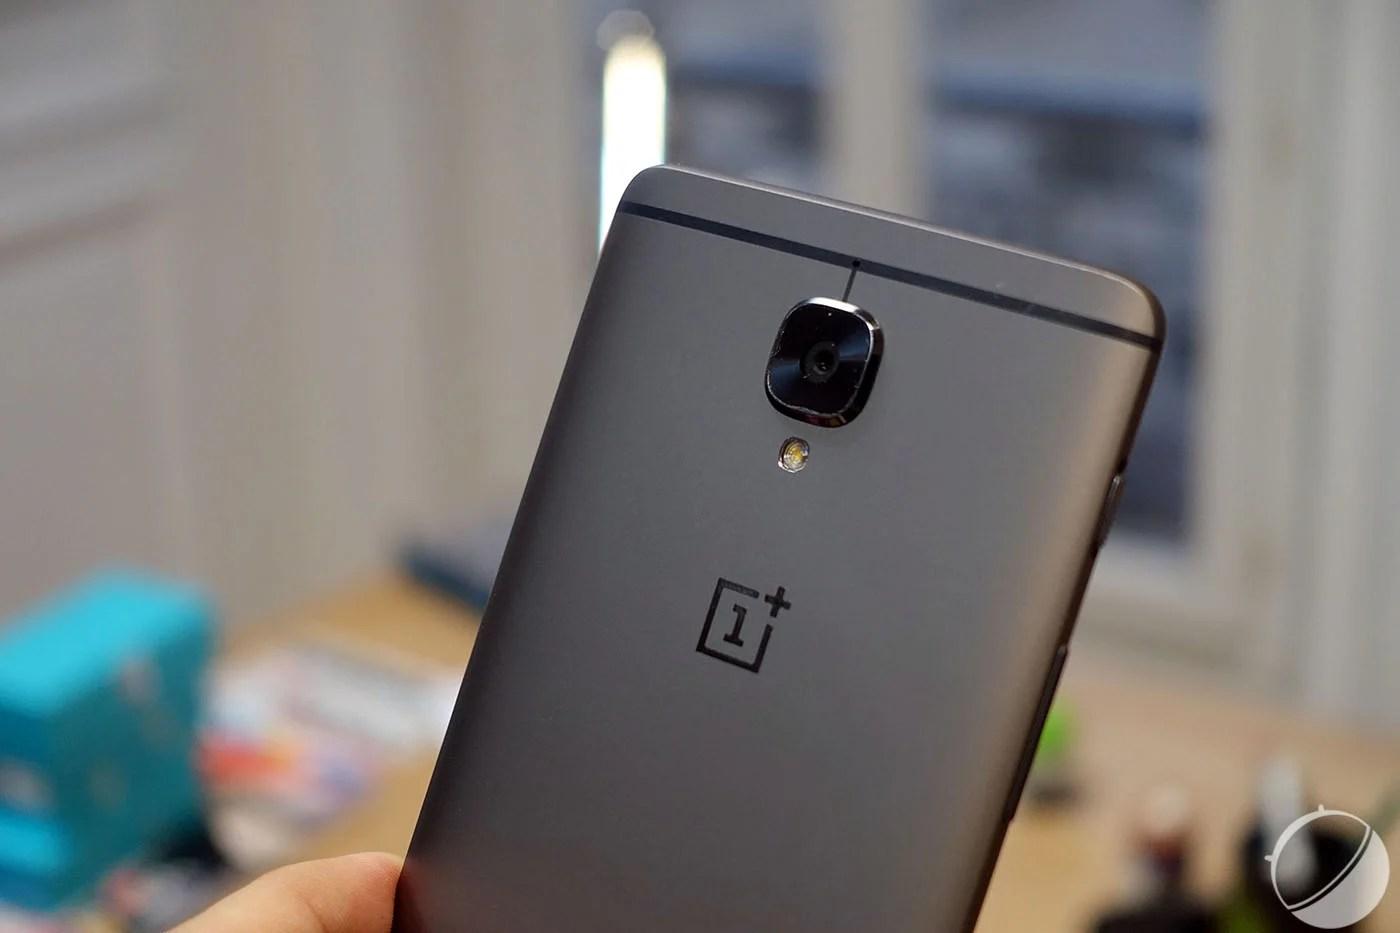 Le OnePlus 3T est désormais disponible sans délai